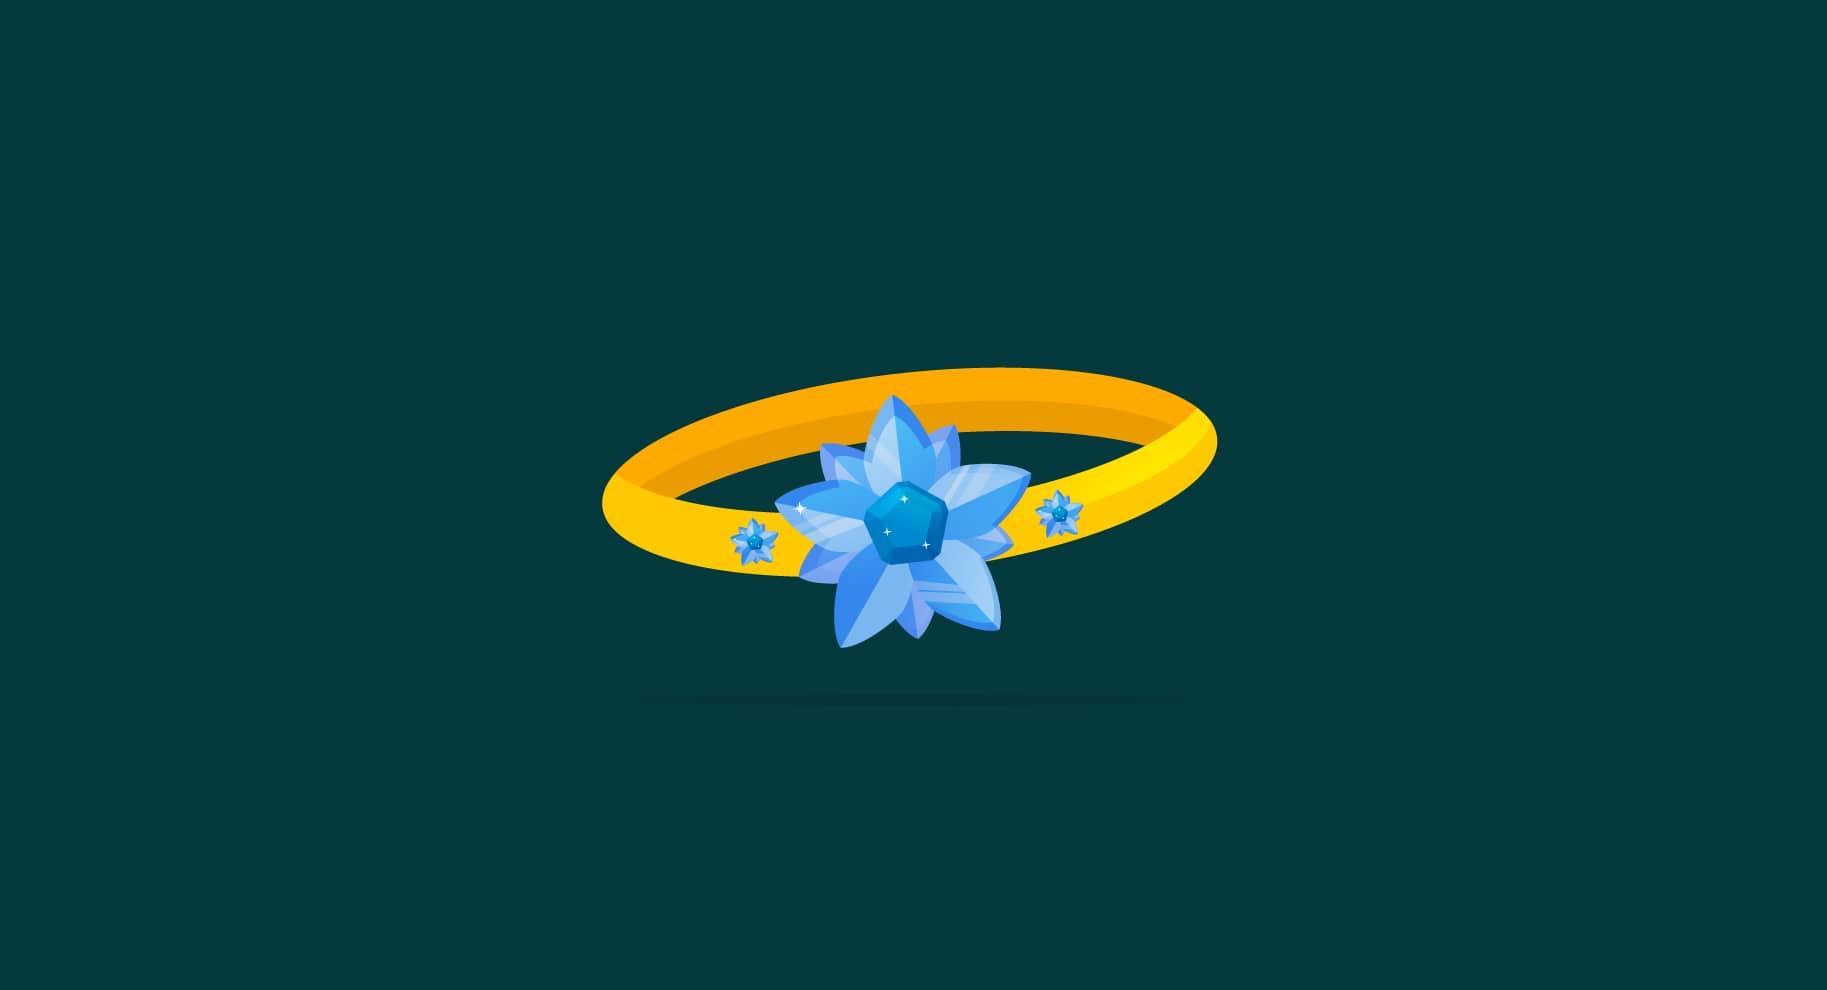 flower engagement ring illustration